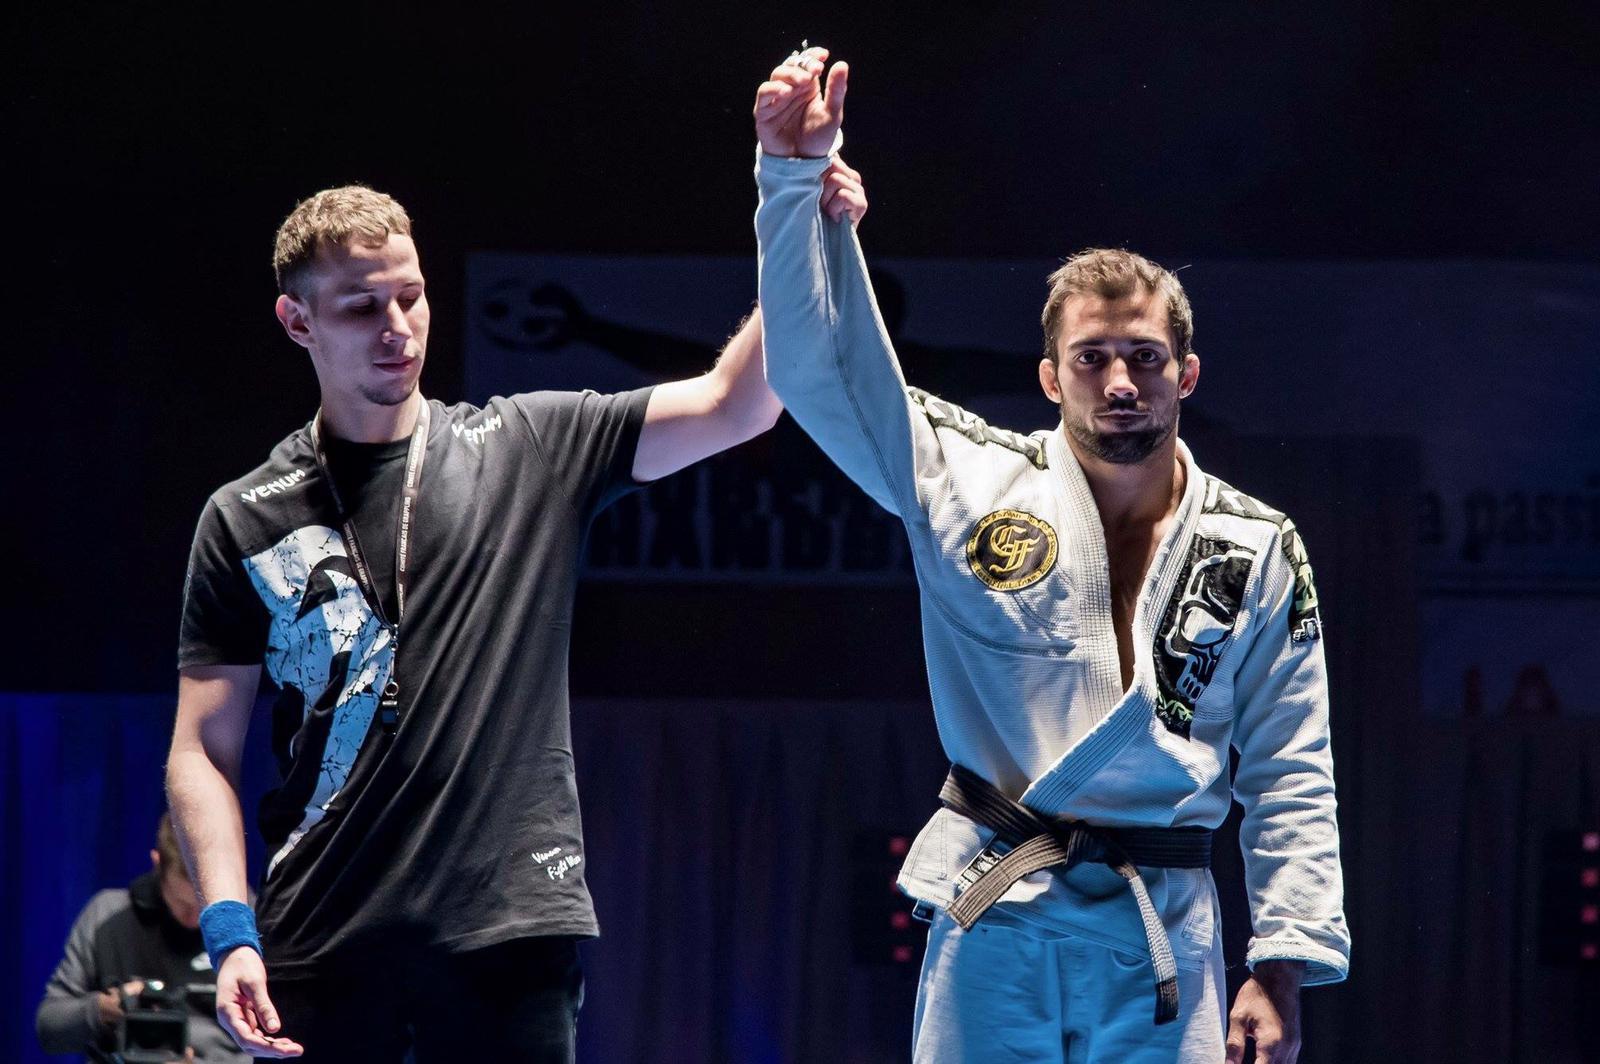 filipe ciaboti campeon 2018 en braxilian jiujitsu